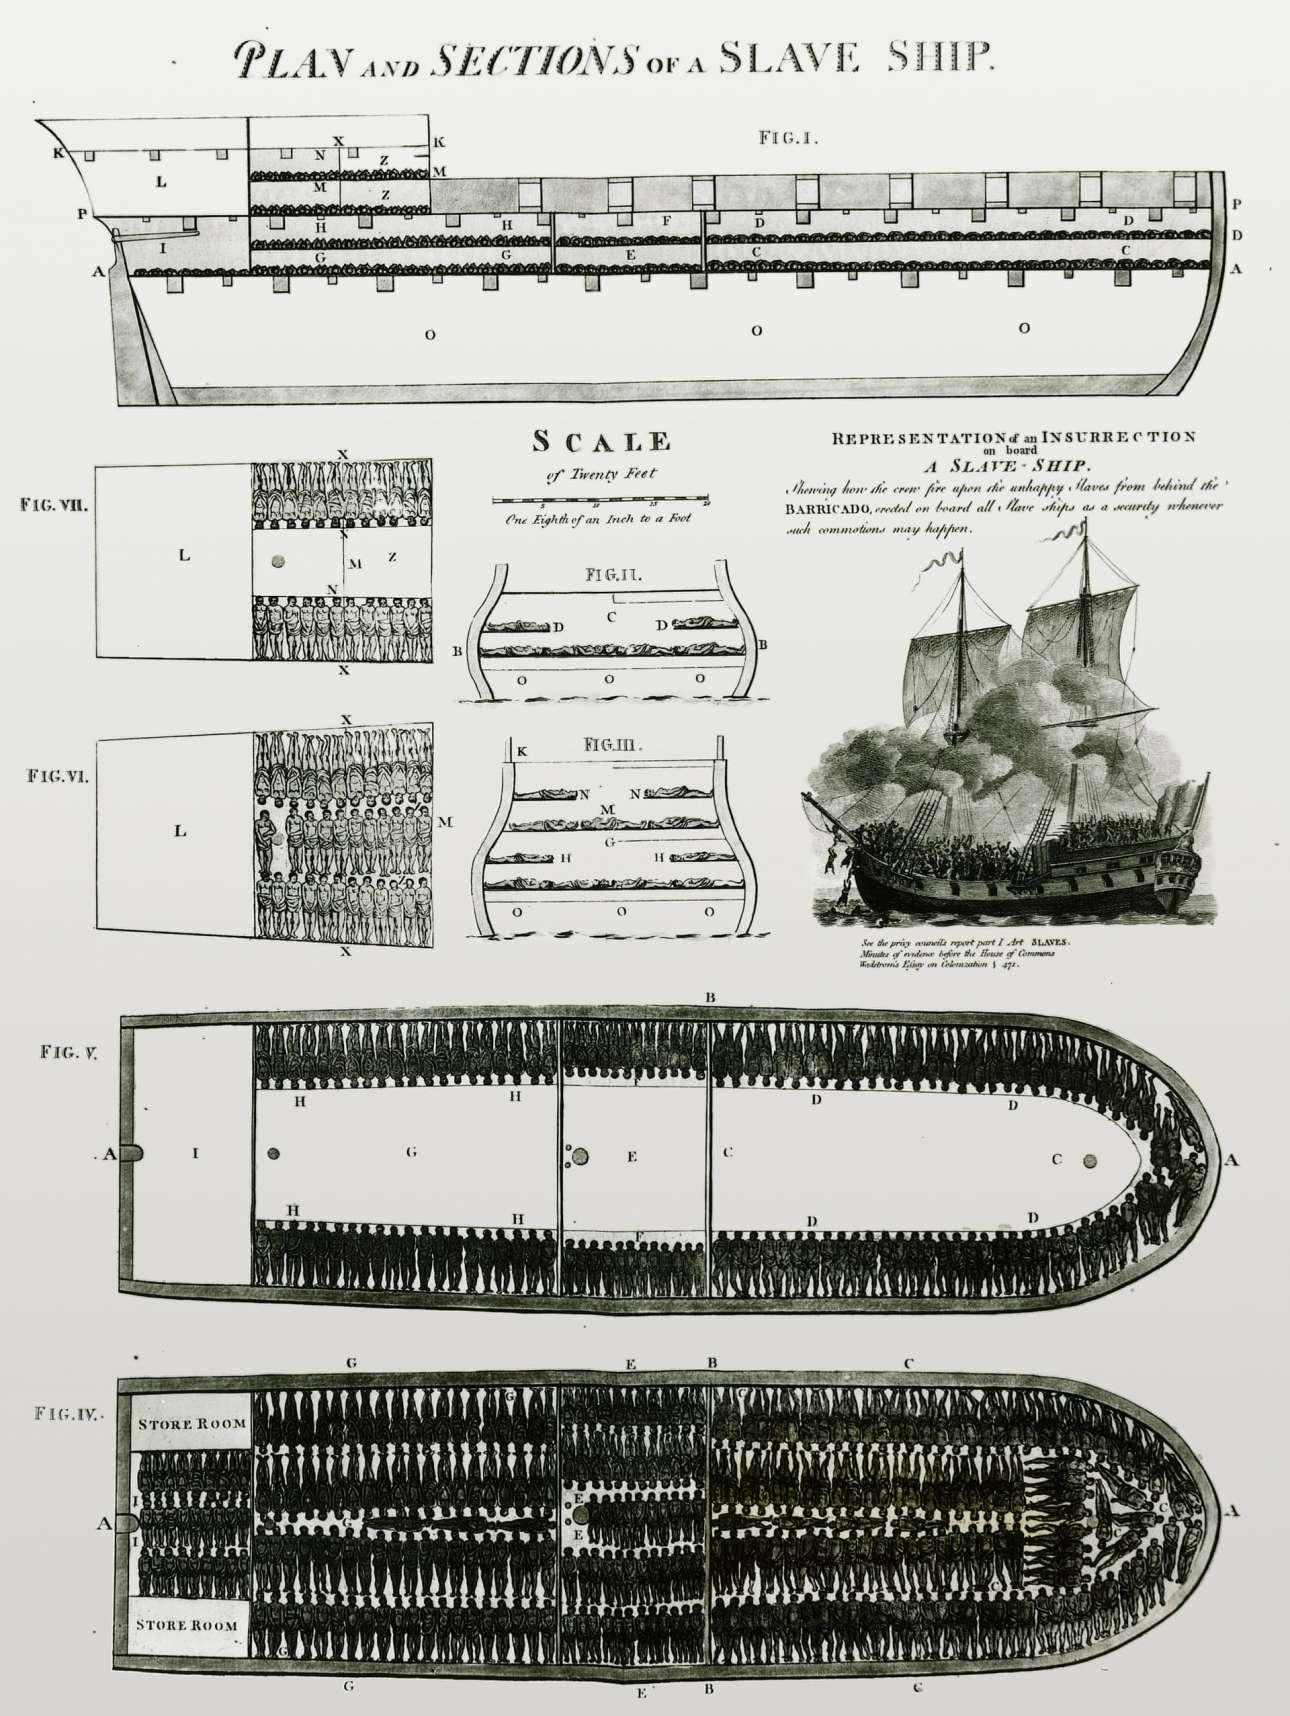 Σχεδιασμένη για να σοκάρει ήταν η αφίσα με το βρετανικό πλοίο «Μπρουκς» που έδειχνε πώς μετέφεραν σκλάβους από την Αφρική στη Βόρεια Αμερική. Είχε σχεδιαστεί από την Εταιρεία για την Επιβολή της Κατάργησης του Σκλαβεμπορίου και κατάφερε να ενημερώσει και να ευαισθητοποιήσει για αυτό το φρικτό εμπόριο, αλλά και να επηρεάσει την κοινή γνώμη